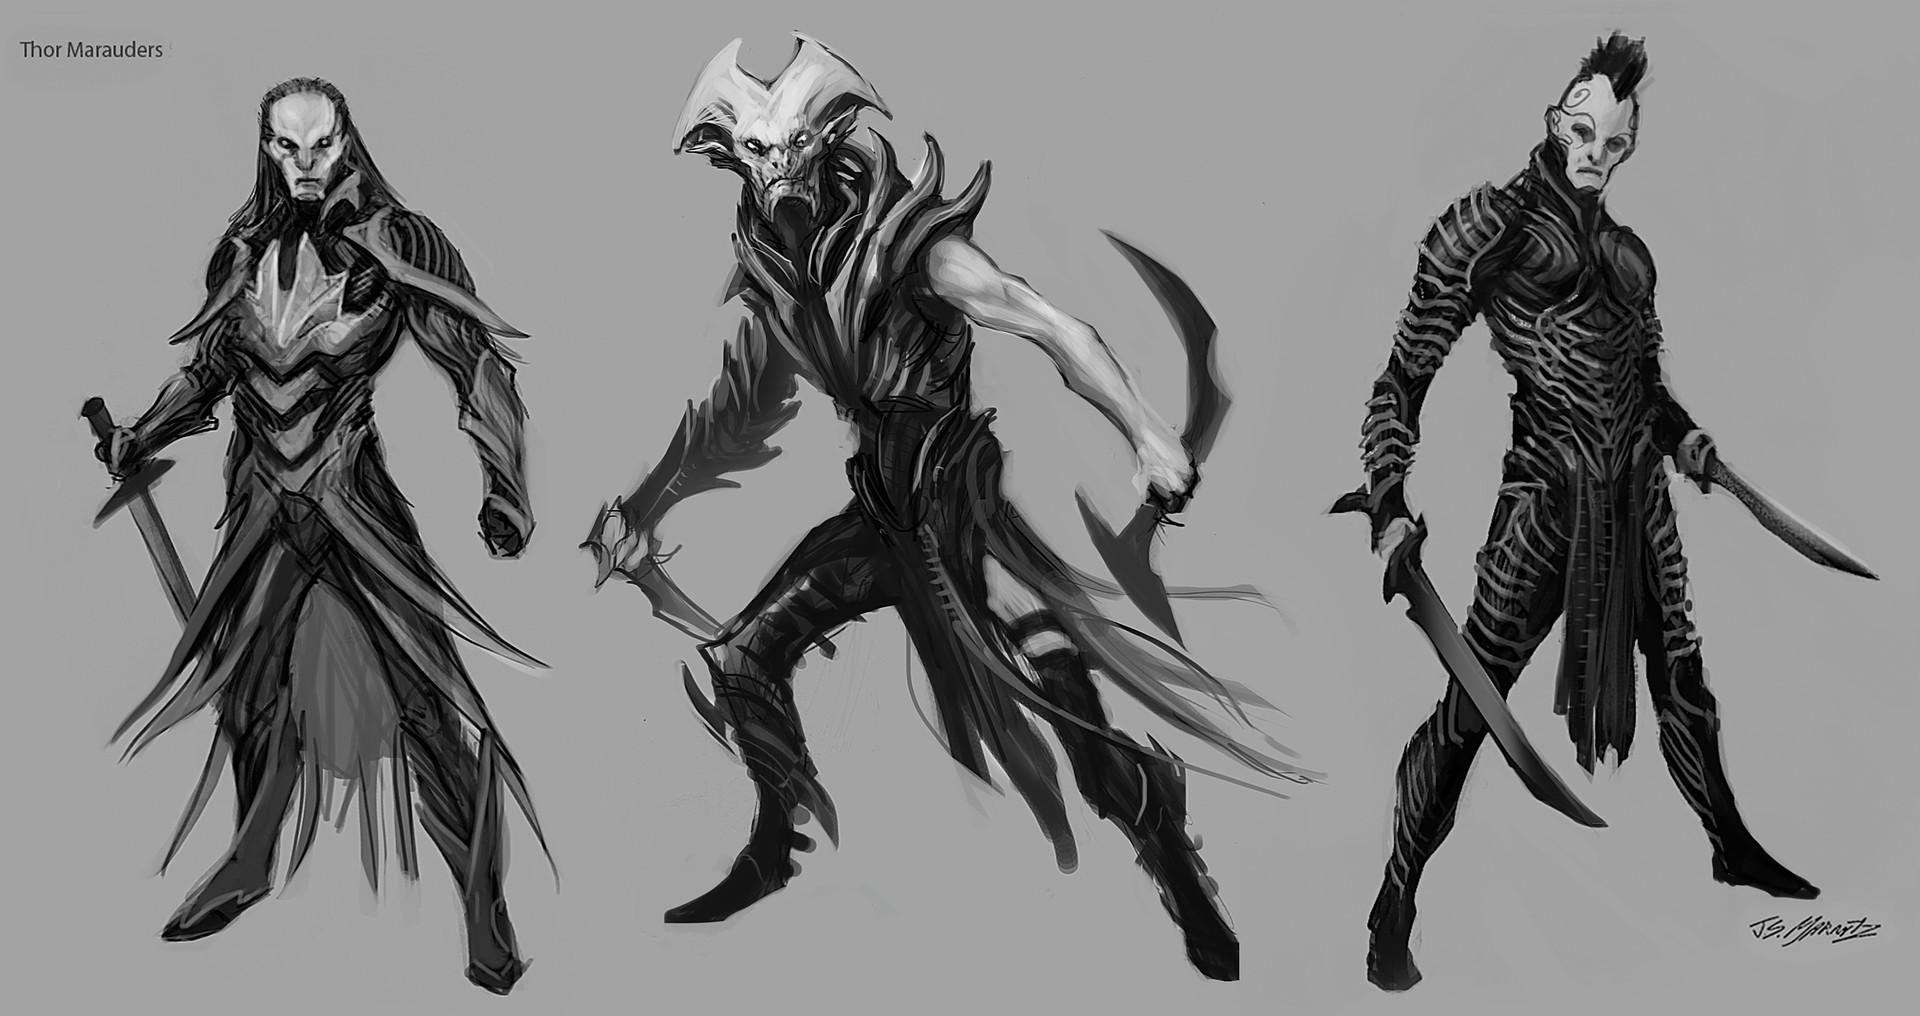 Jerad marantz thor marauders sketches 2